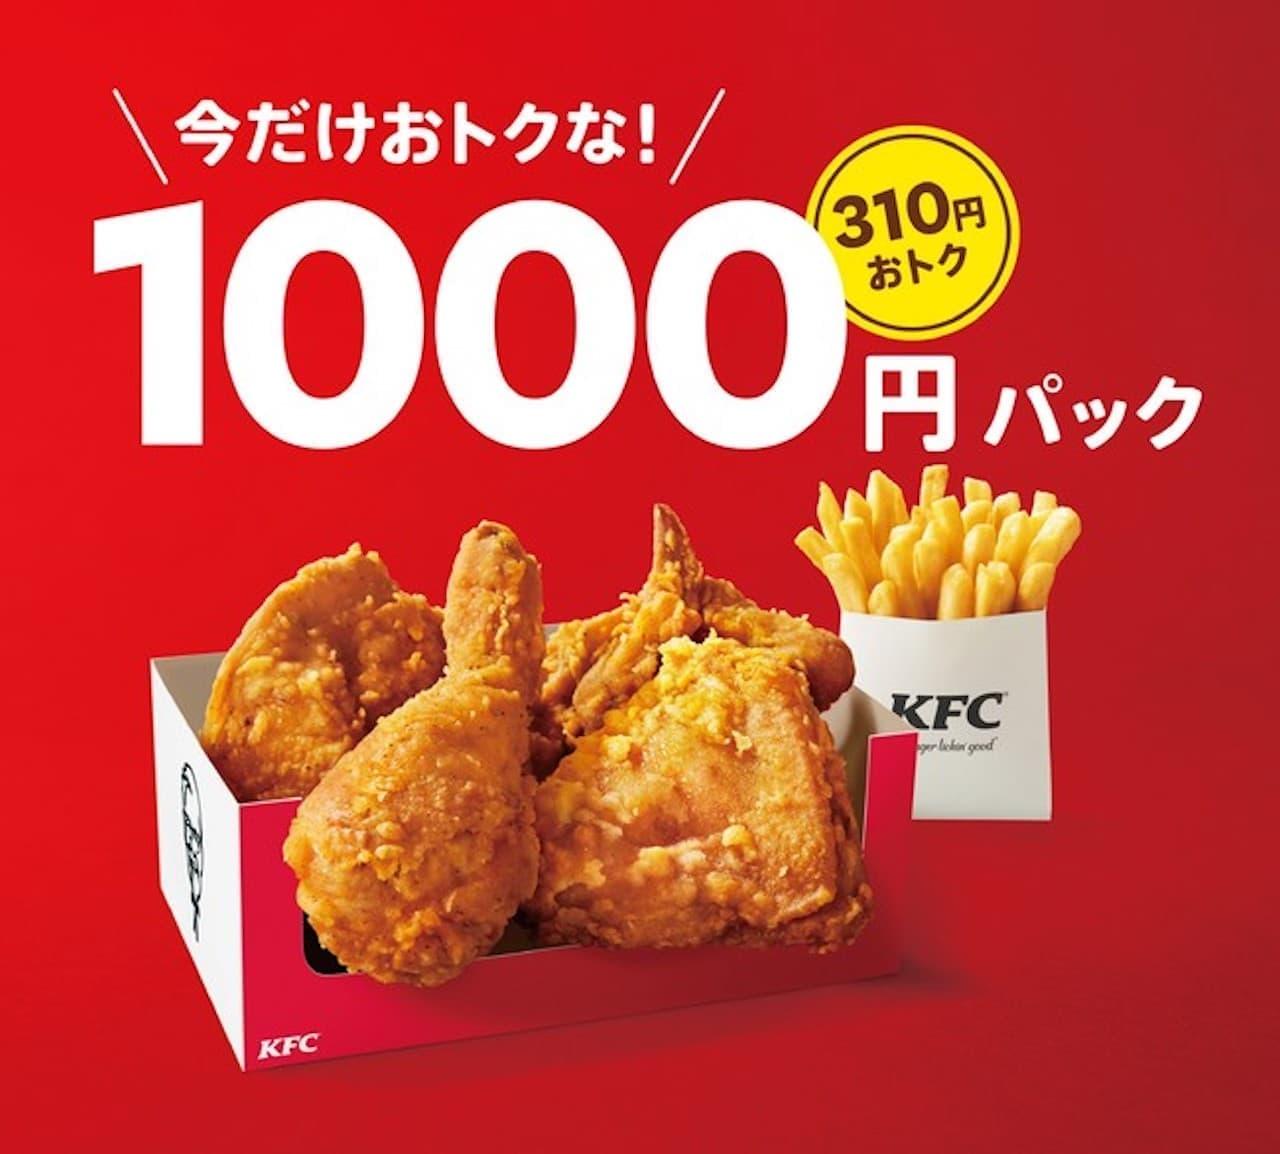 ケンタ「1000円パック」